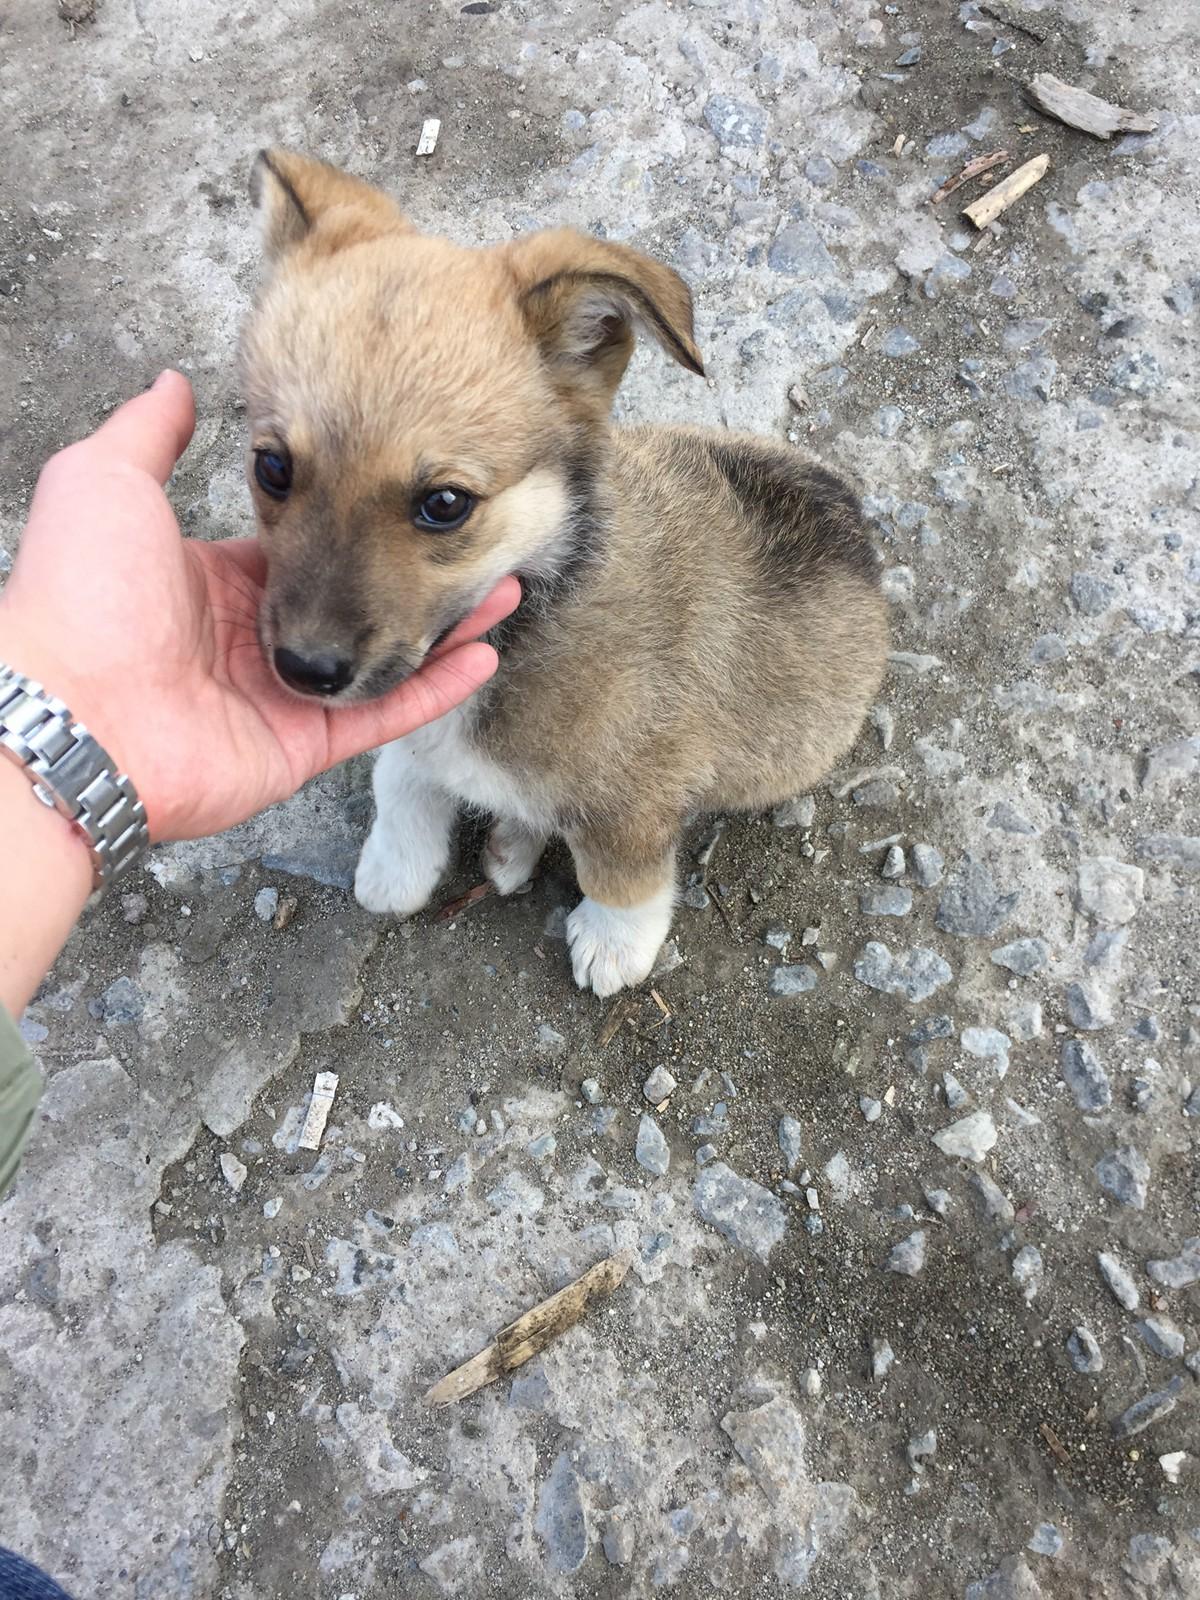 工地的小狗狗弗洛霞,现在应该长得很大了